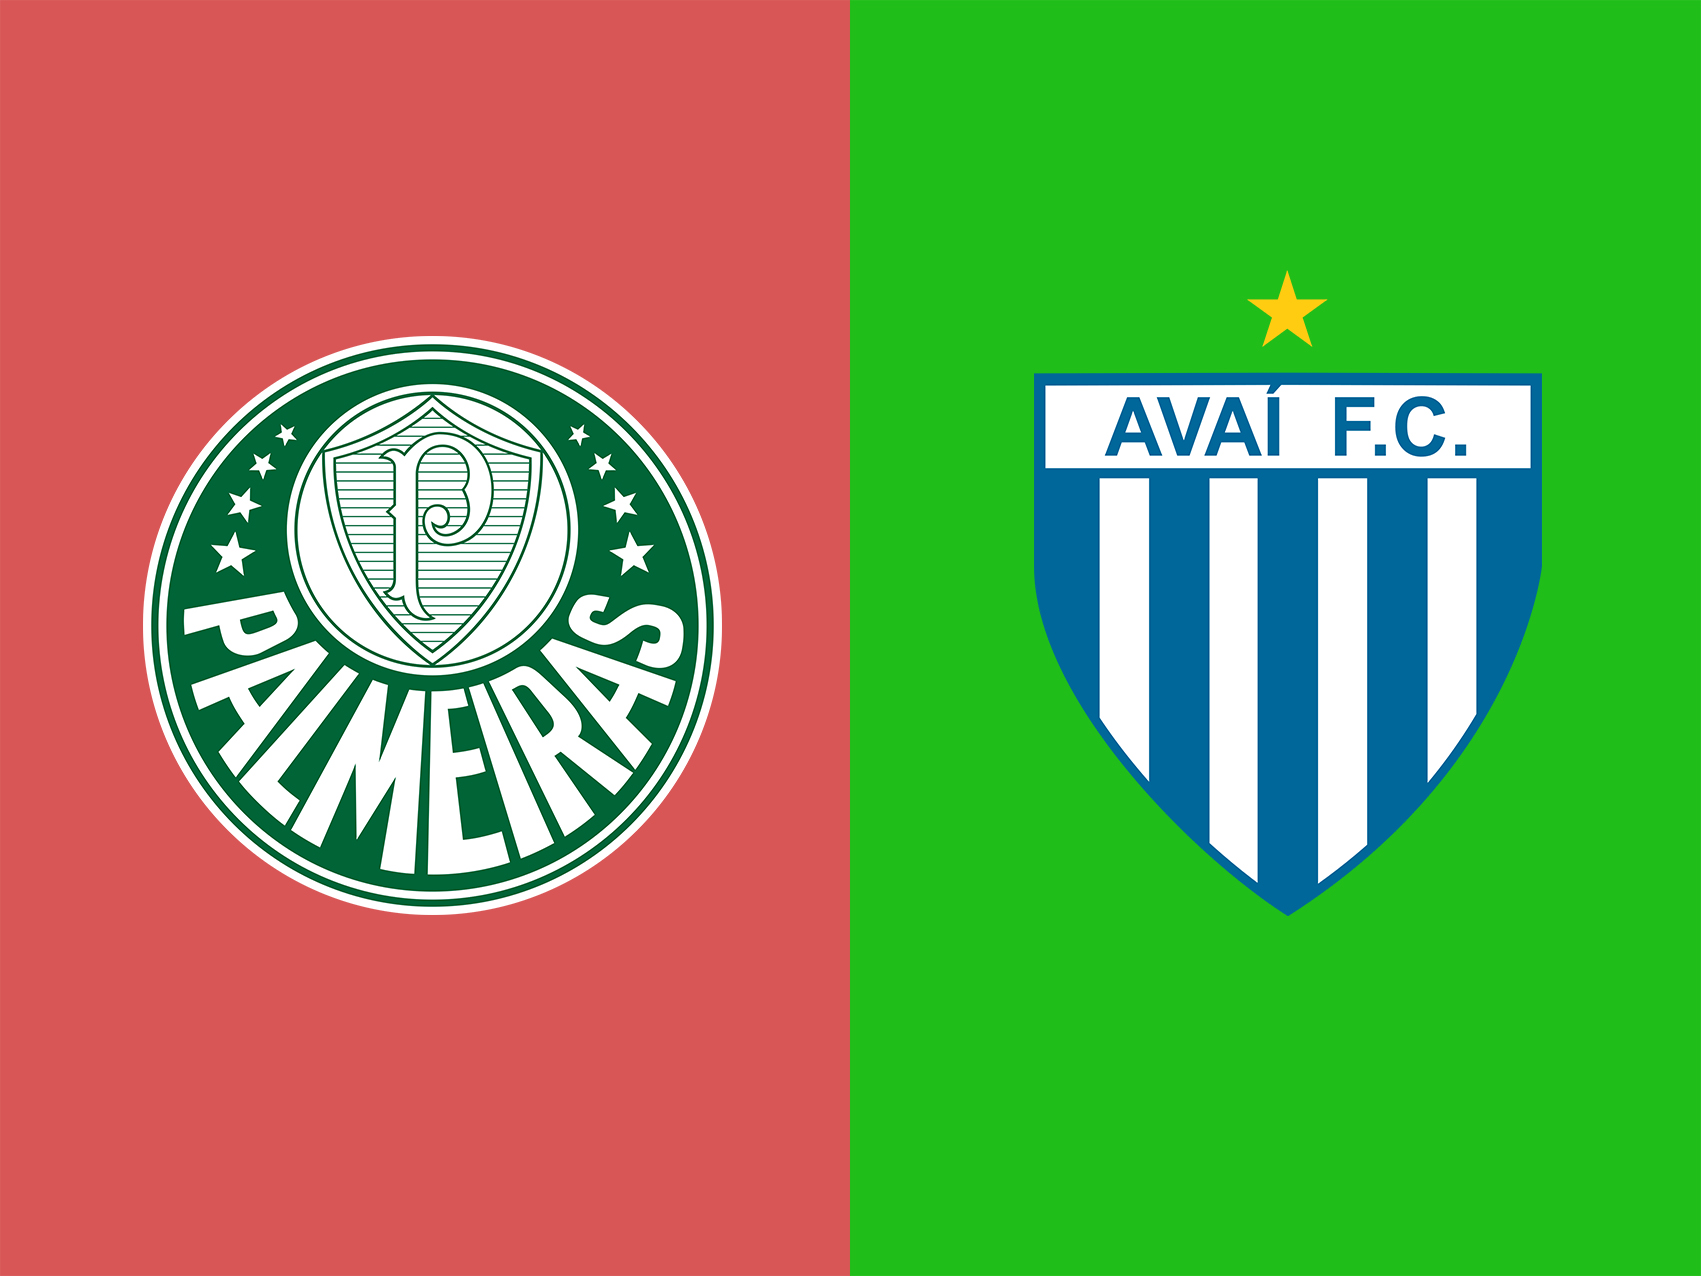 palmeiras-vs-avai-soi-keo-vdqg-brazil-14-06-thong-tri-xu-samba-0